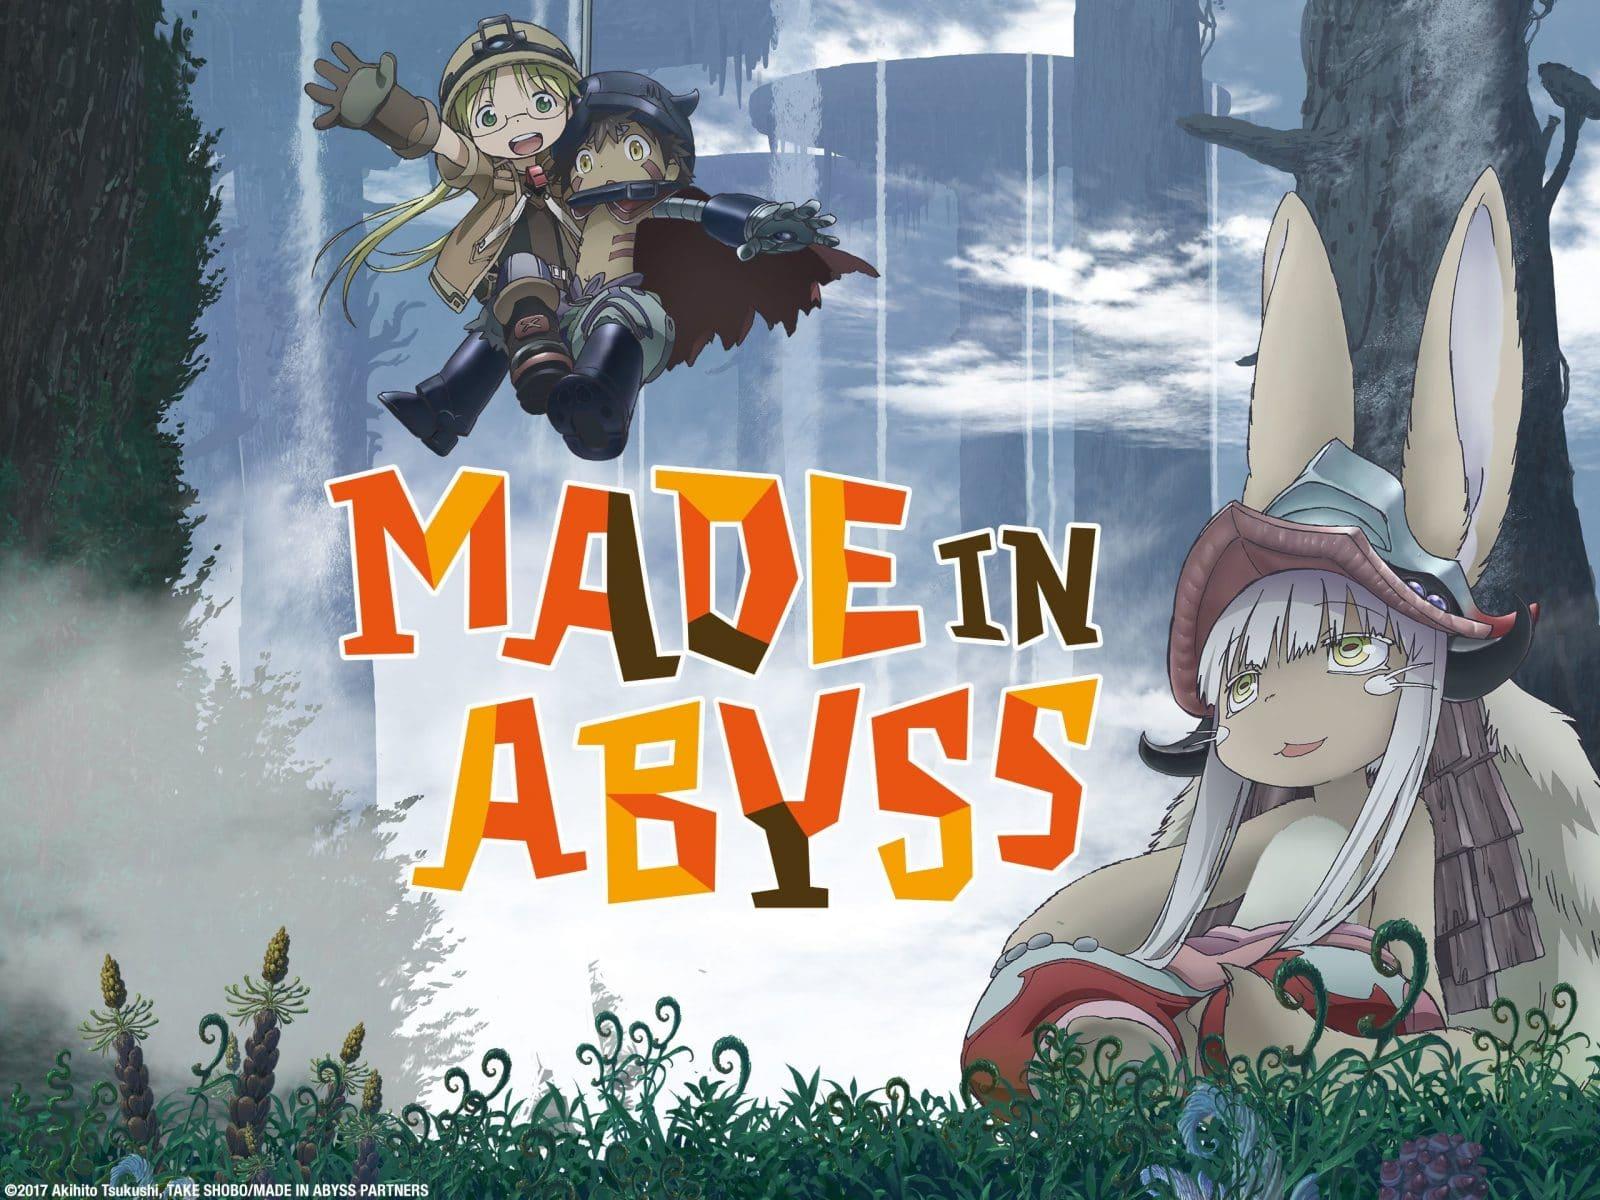 Made in Abyss Fan Art